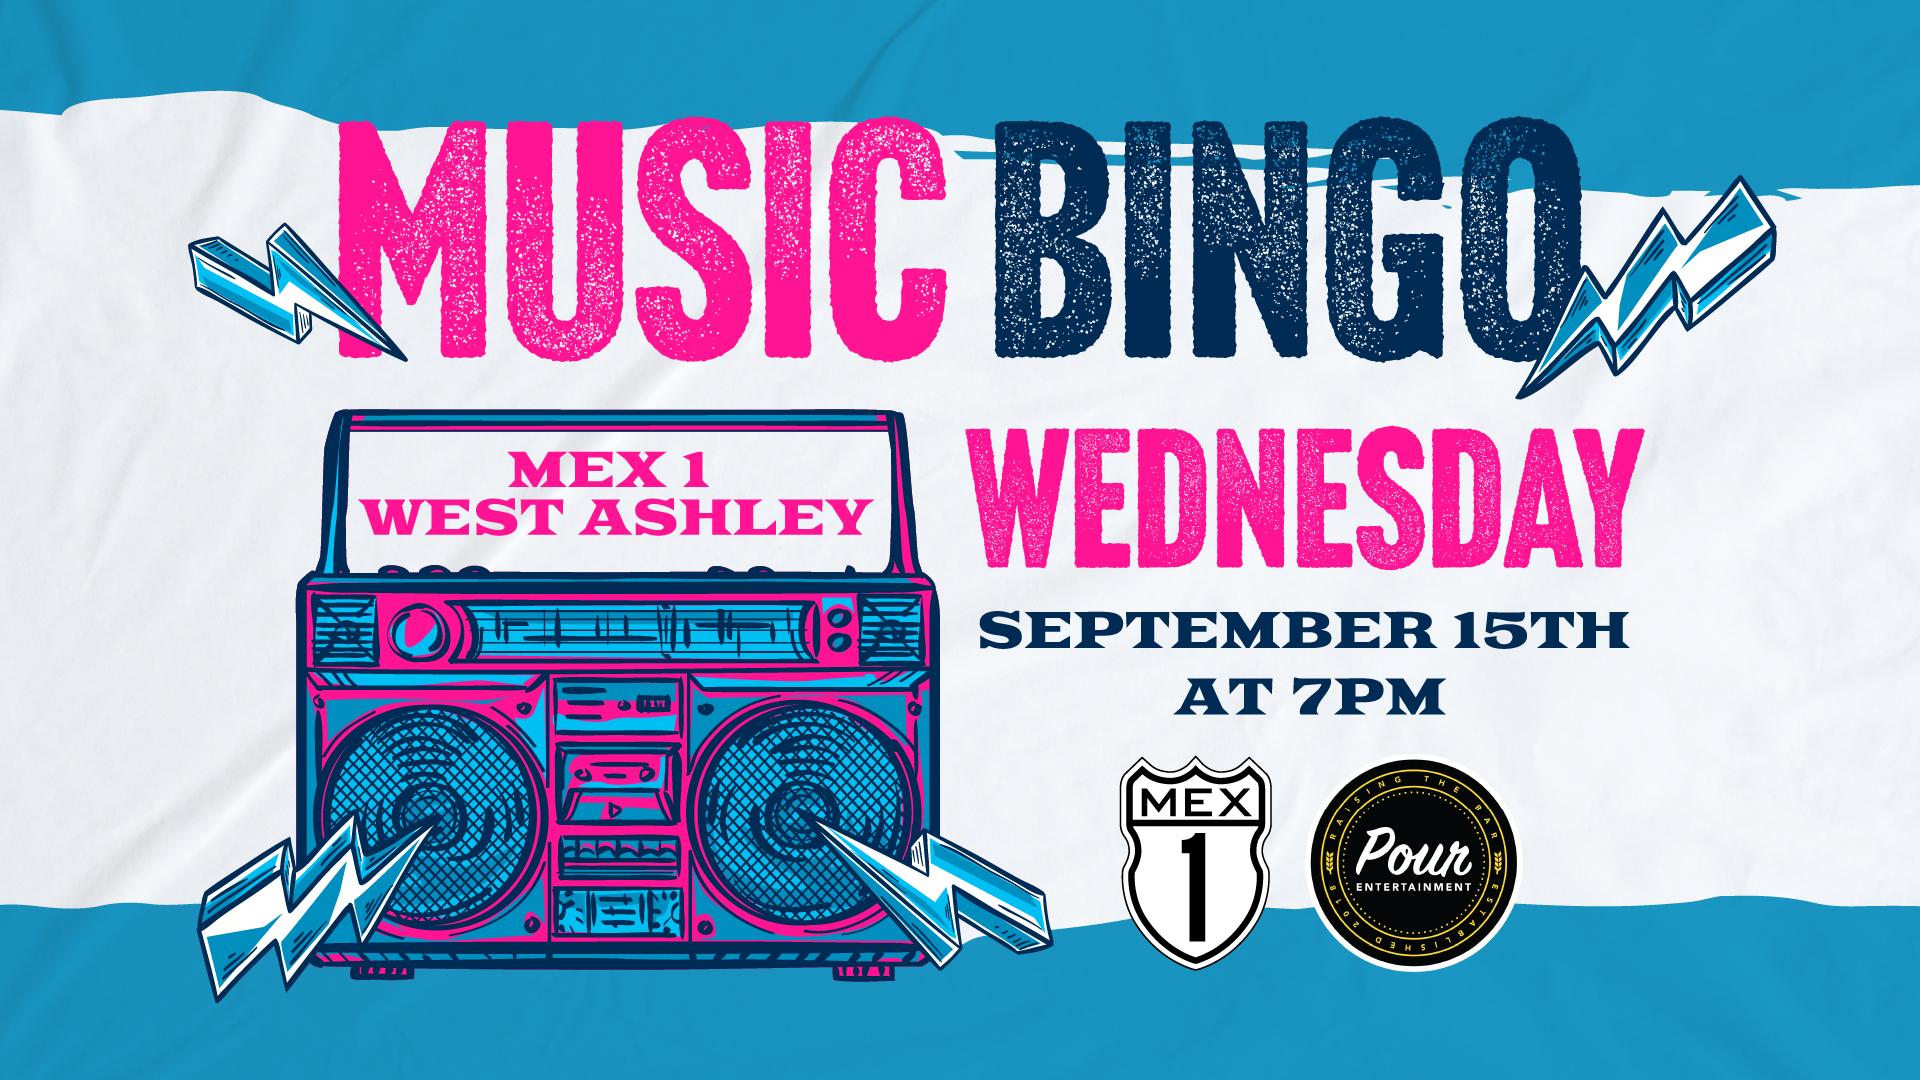 Music Bingo Mex 1 West Ashley